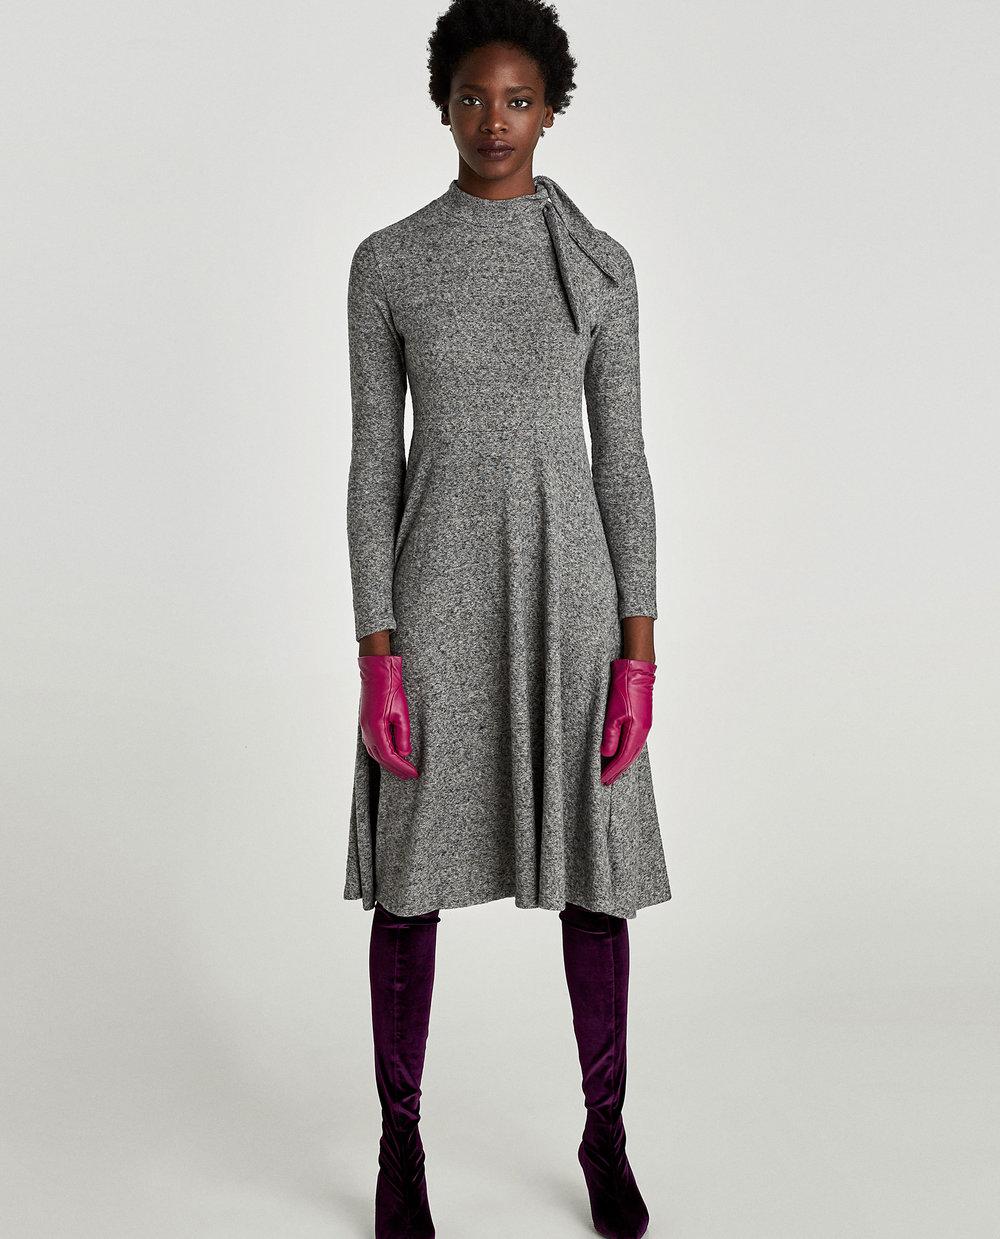 Zara £25.99